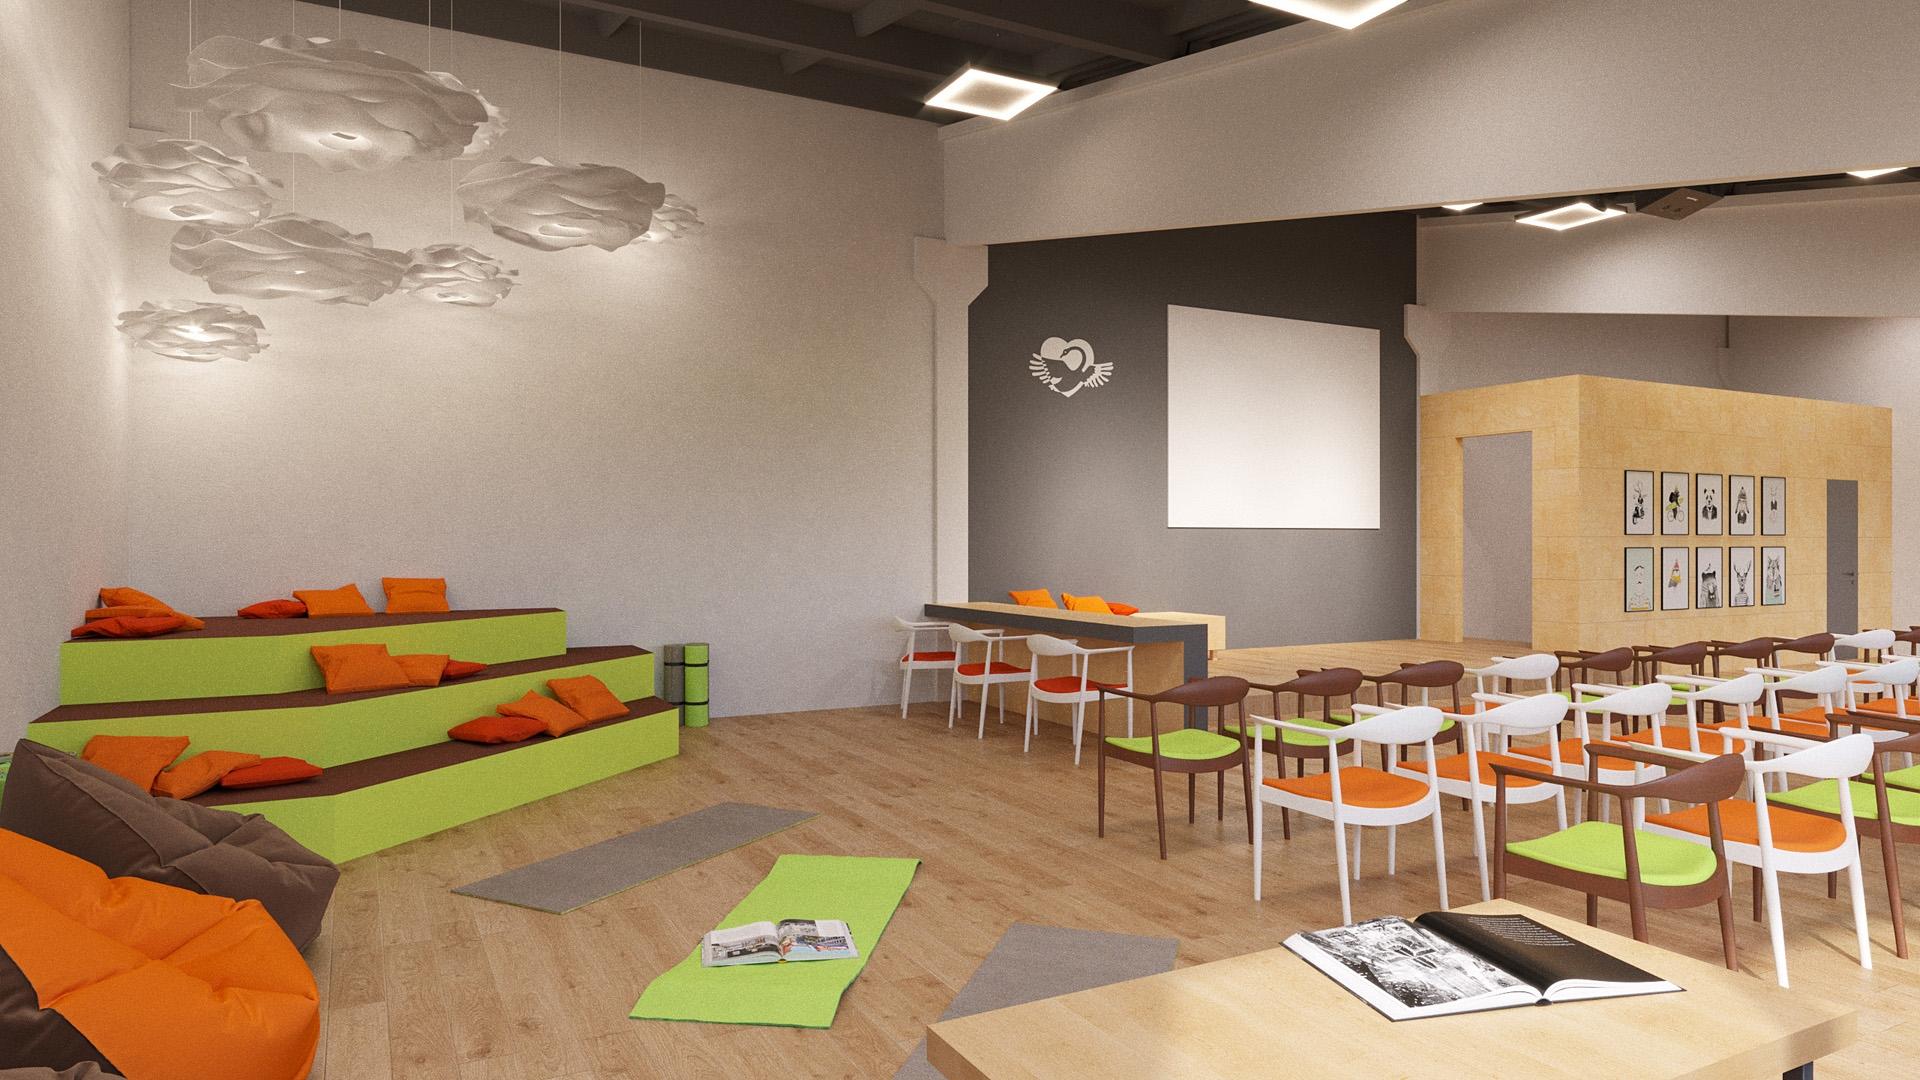 Изображение для проекта Учебный зал центра гуманной педагогики в Грузии 2023